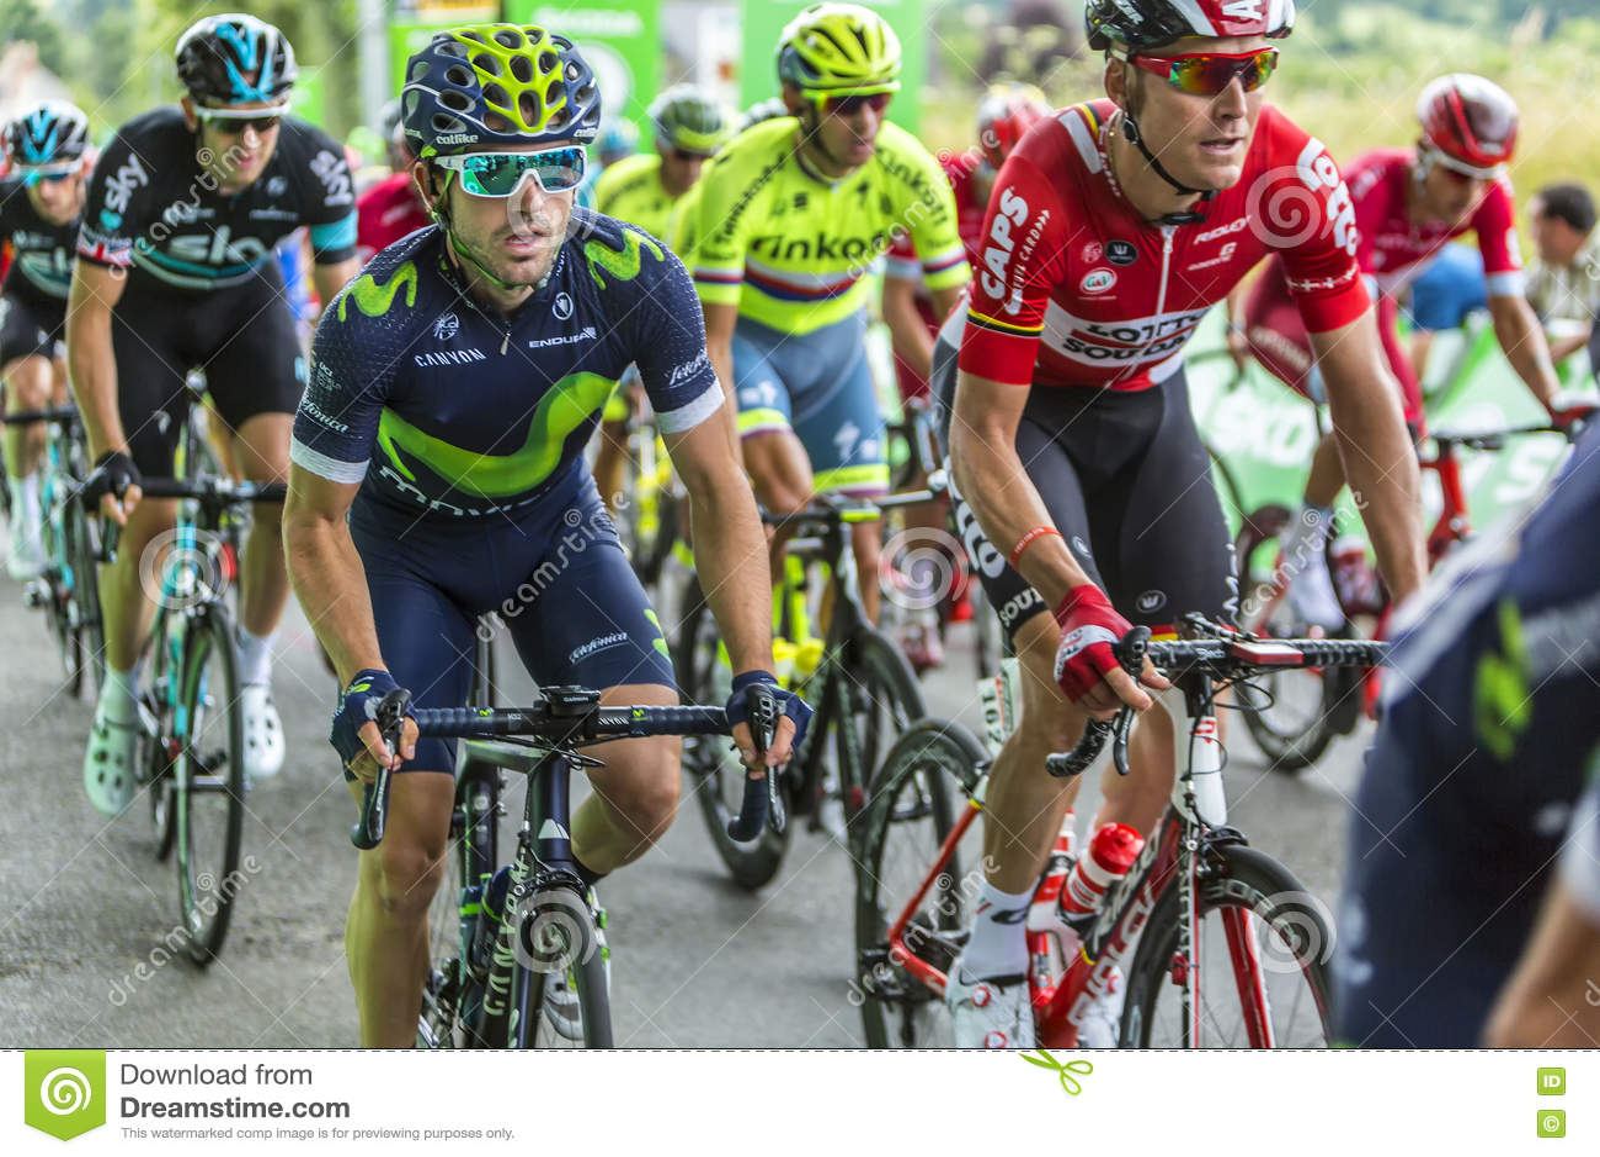 Inside The Peloton Tour De France